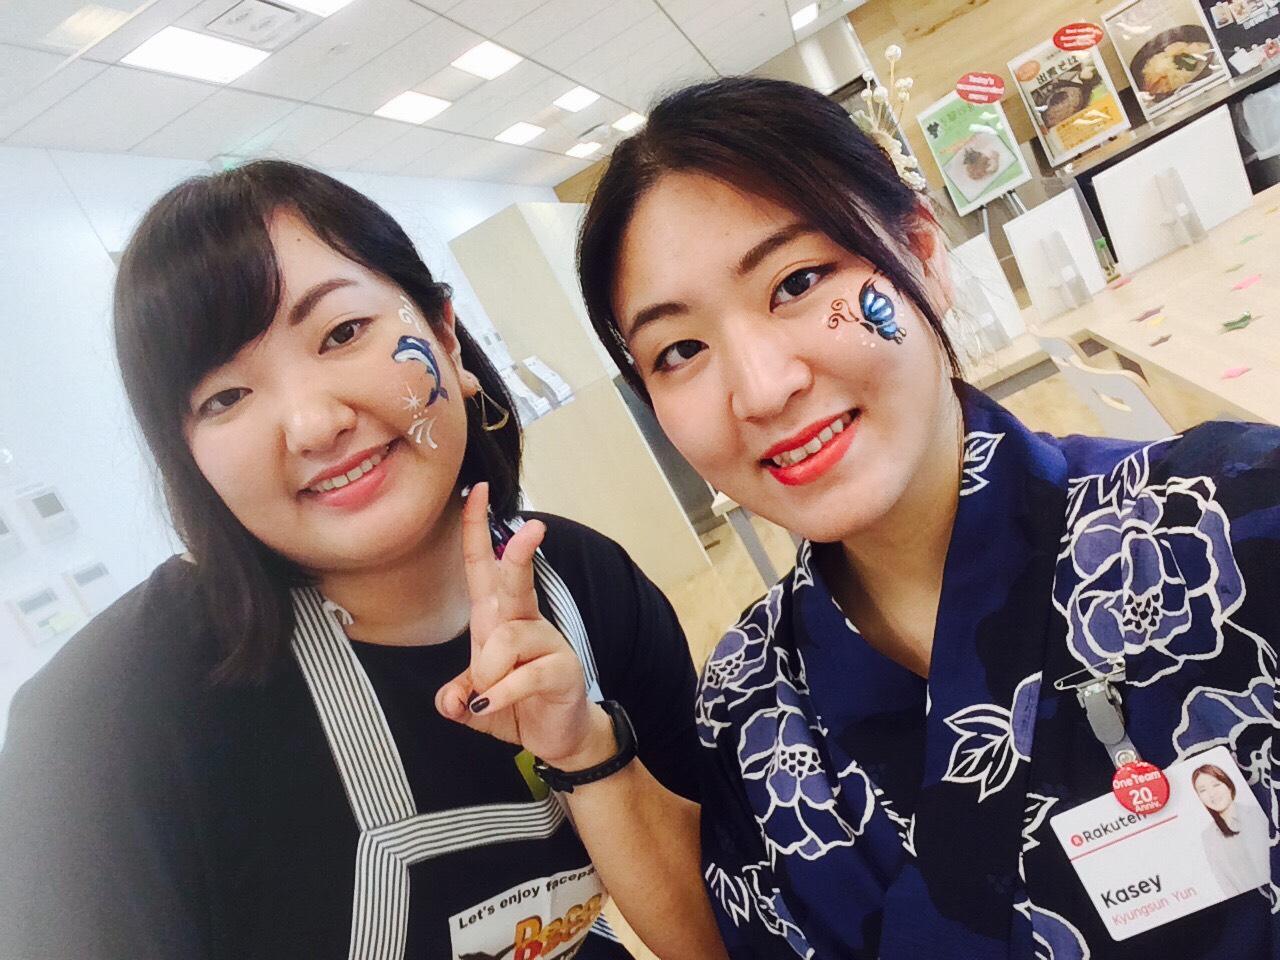 楽天株式会社/七夕イベント